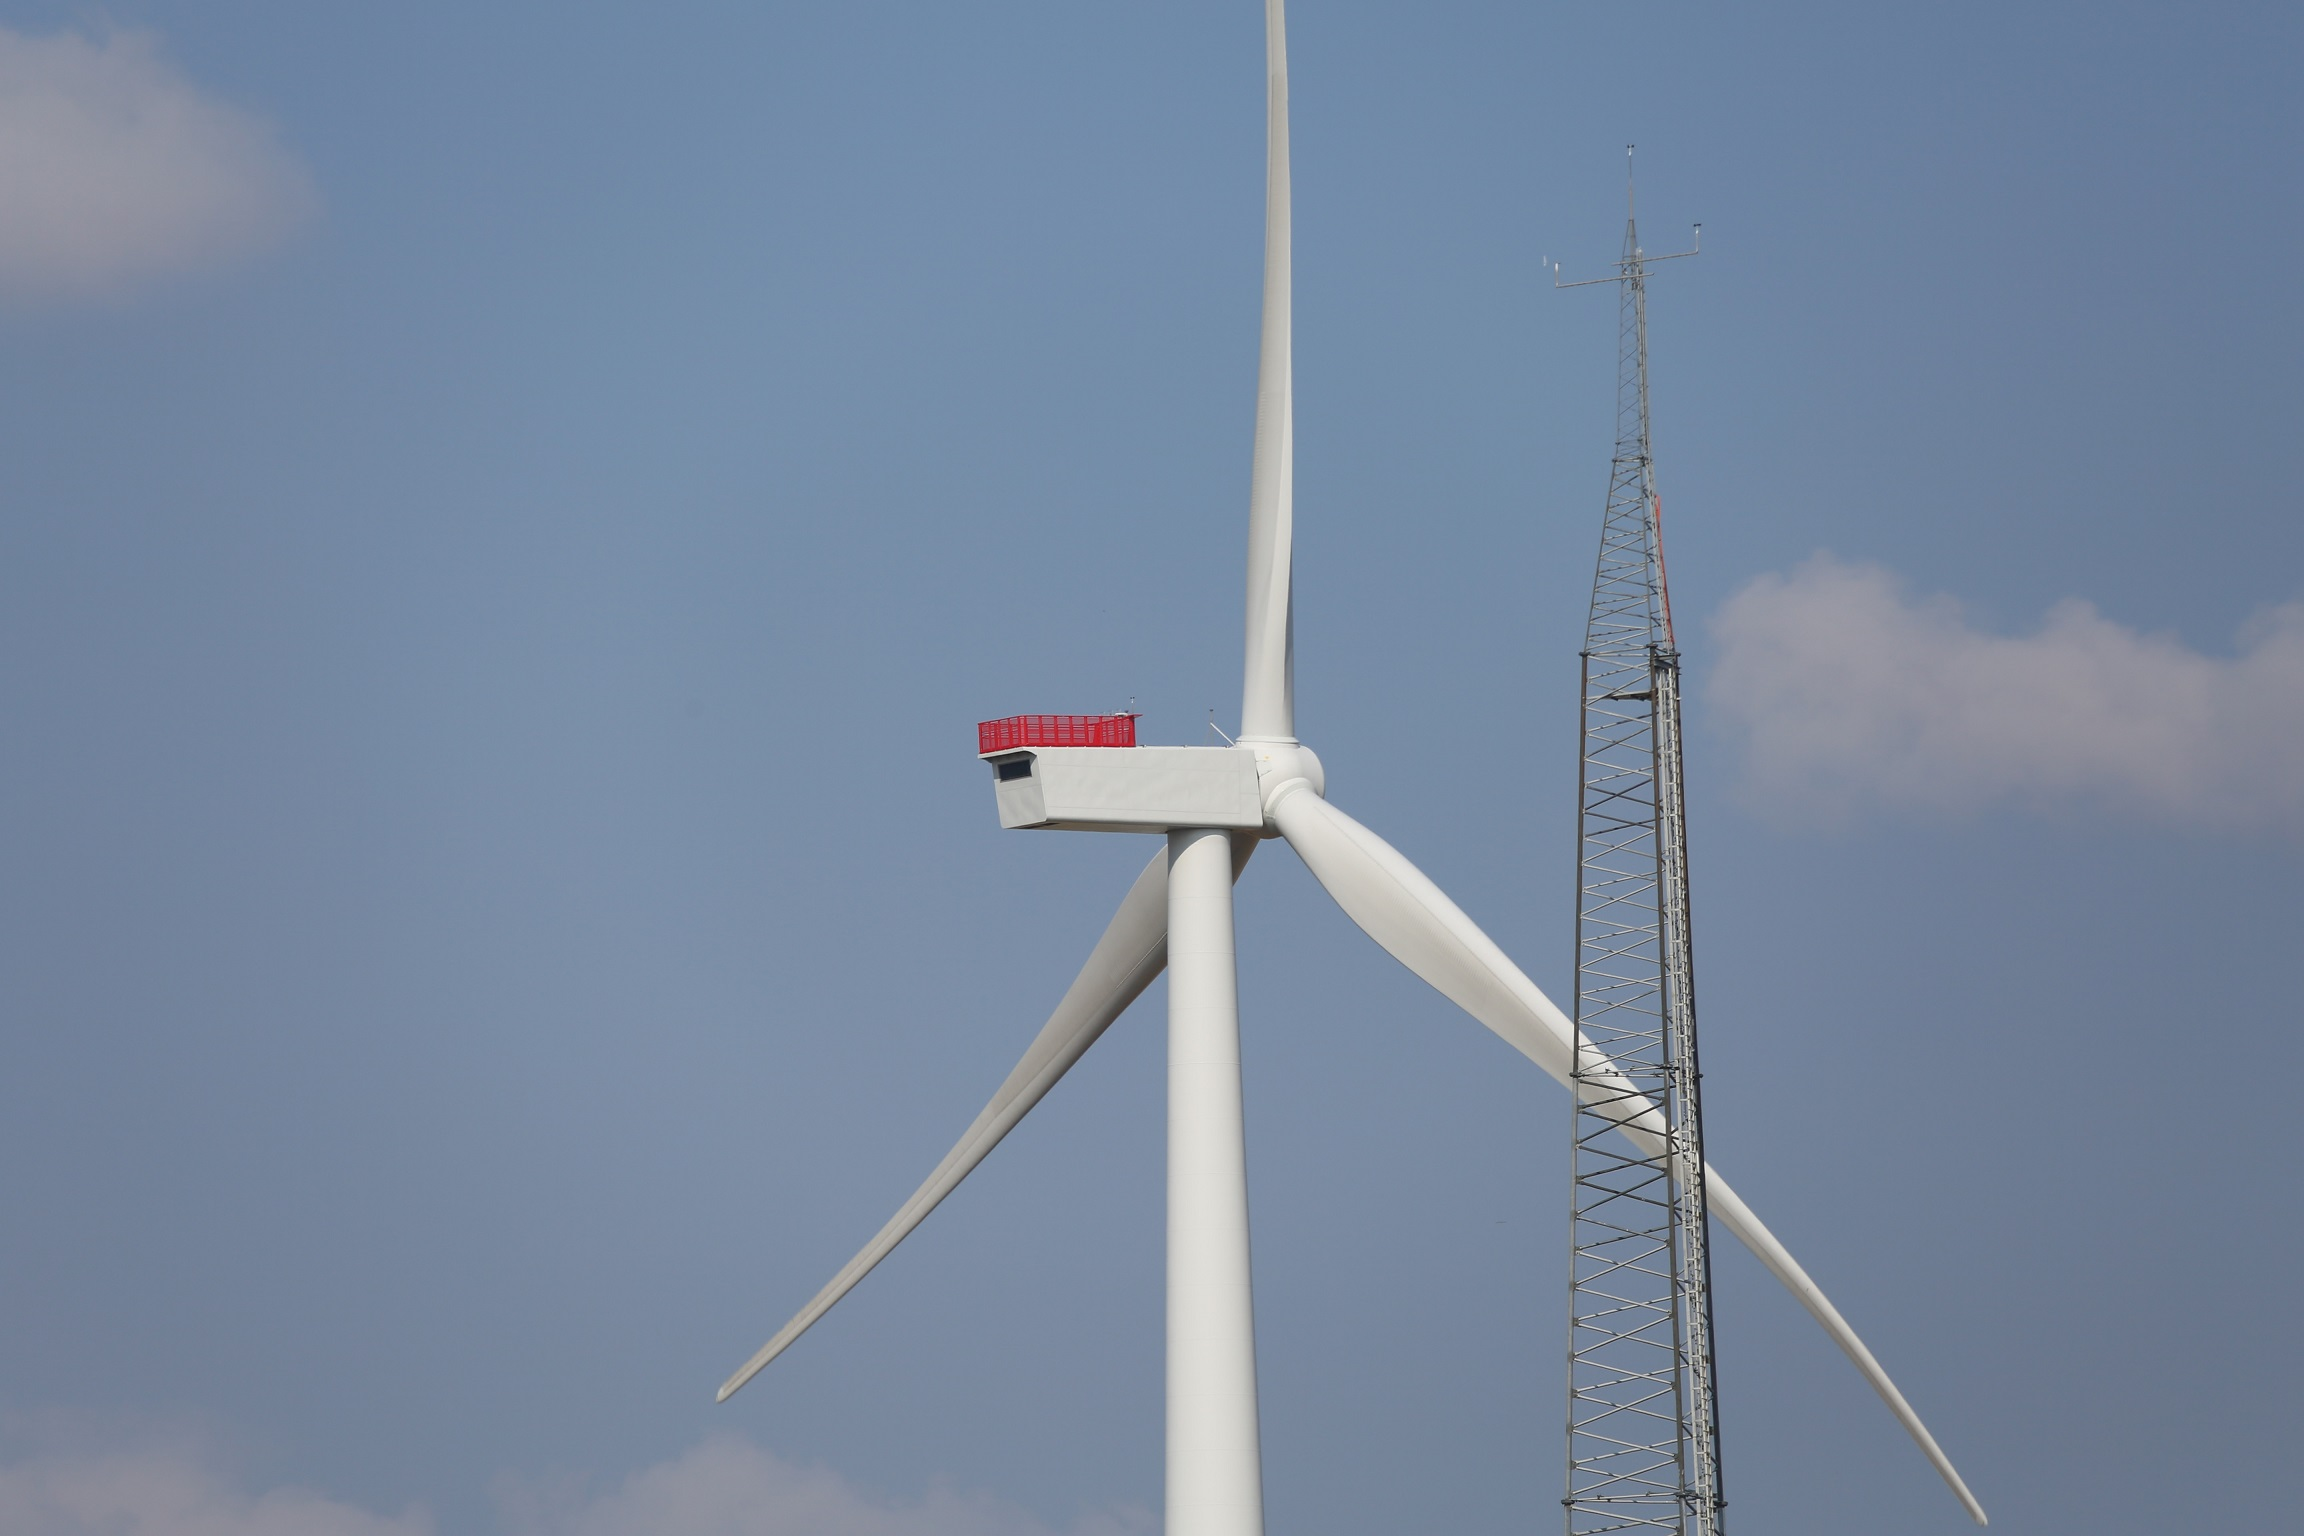 Siemens SWT 4 0 130 4 00 MW Wind turbine